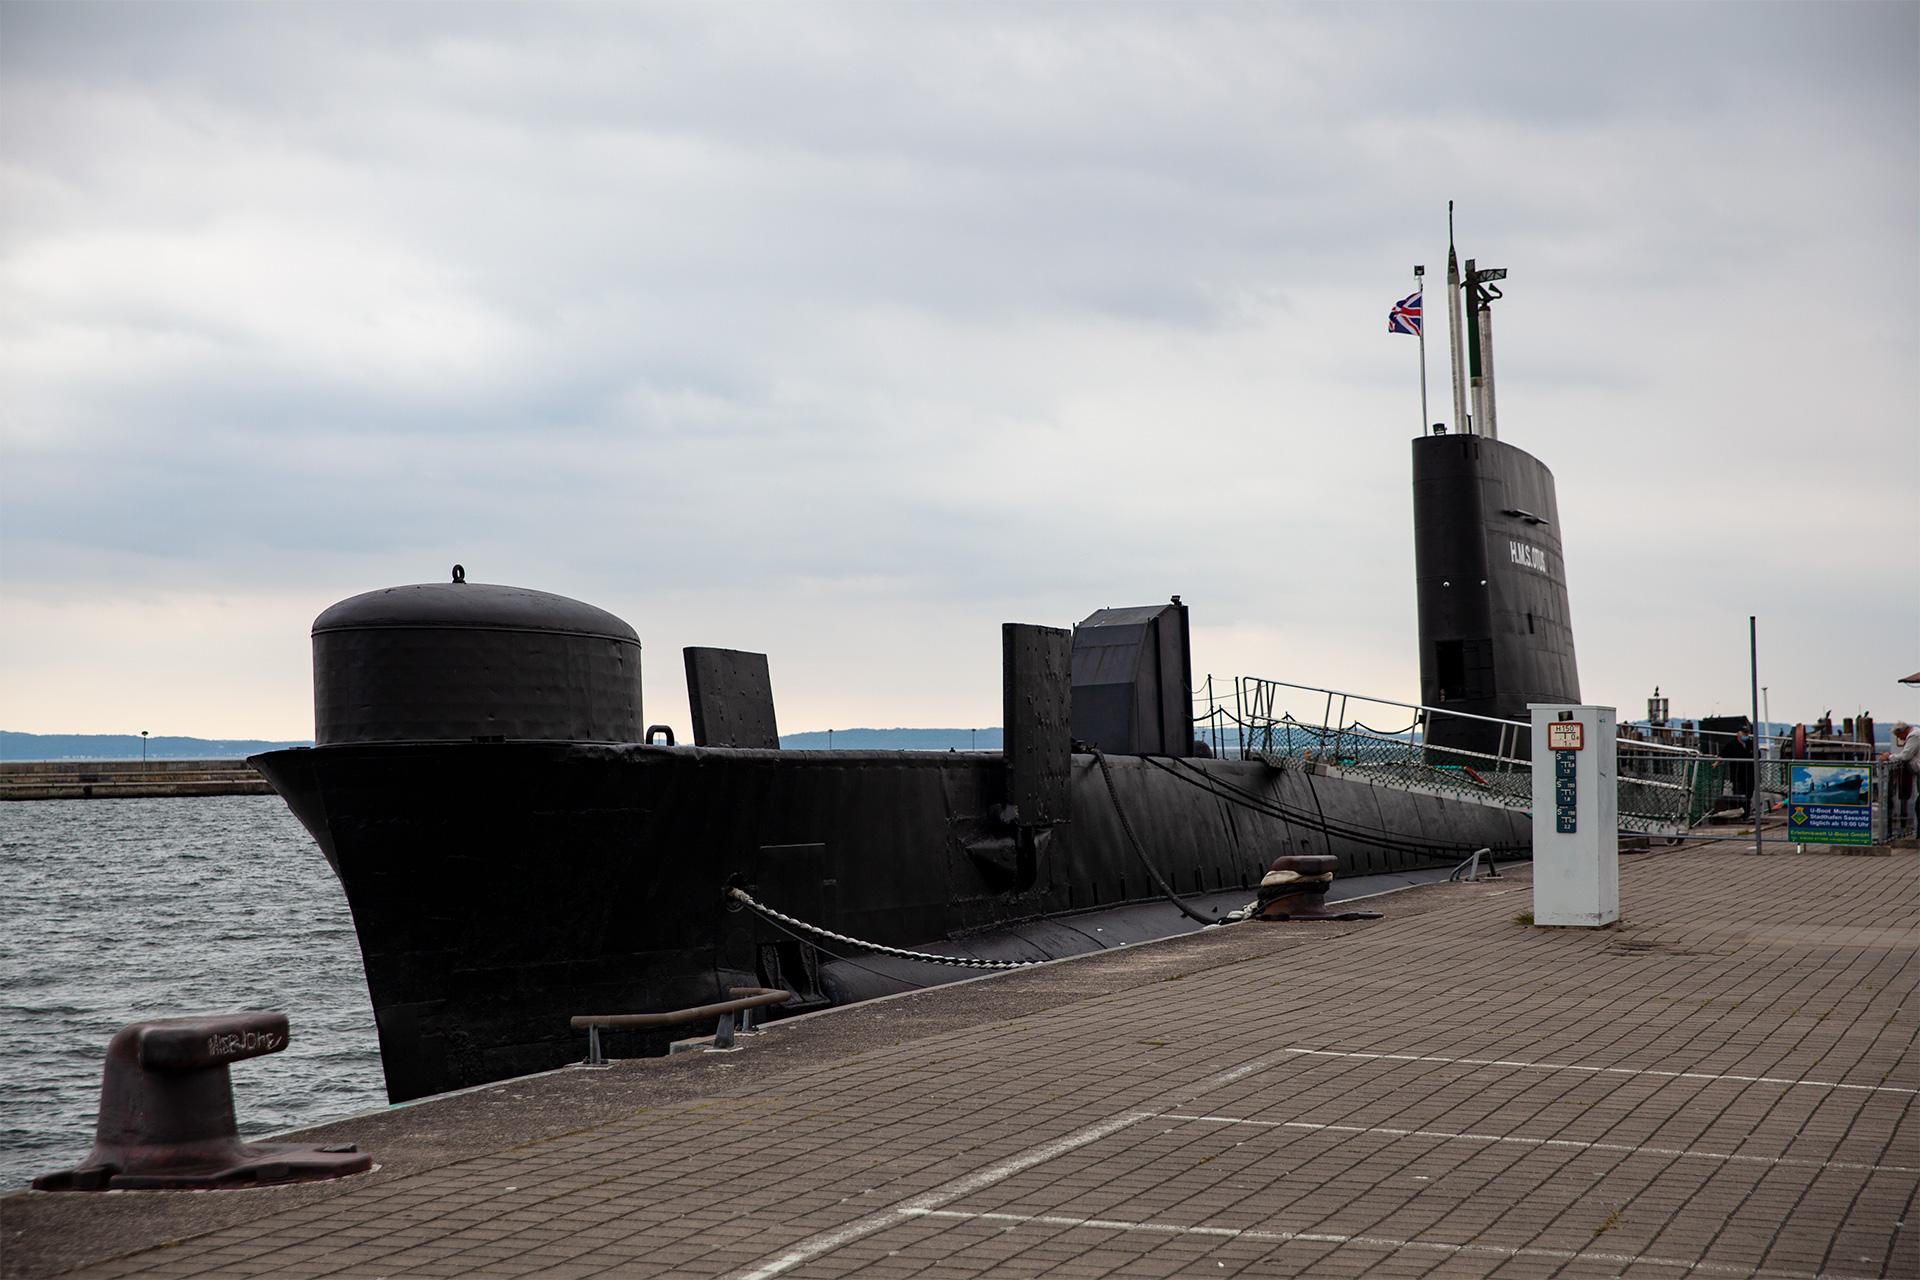 Rugia –dostępny do zwiedzania okręt podwodny w Saasnitz